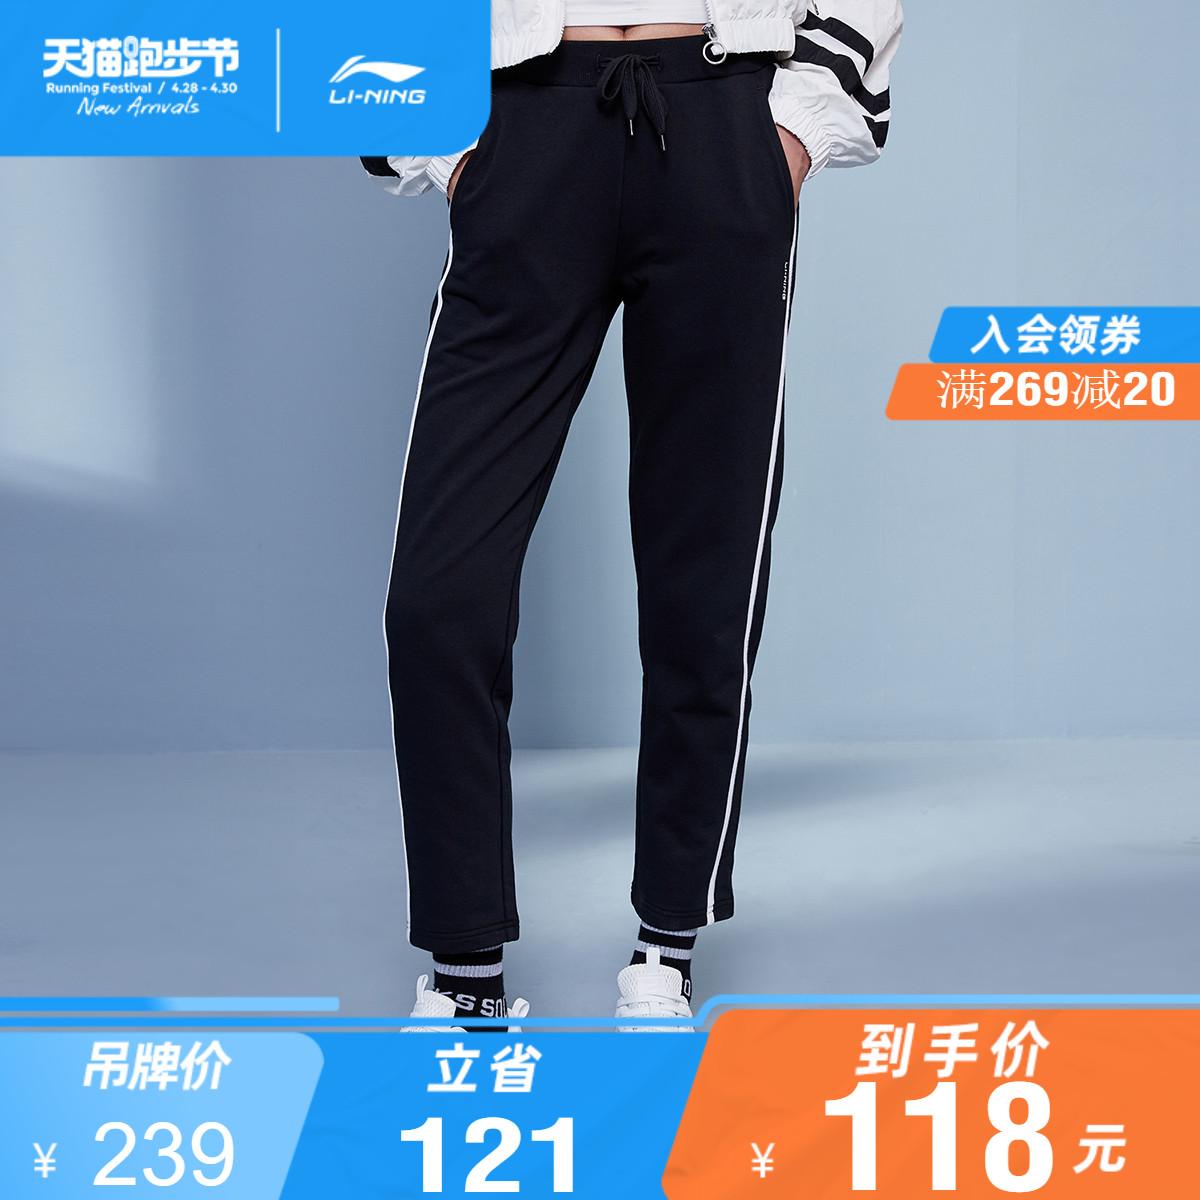 华晨宇心选李宁卫裤女士运动时尚系列女装春季平口针织运动长裤